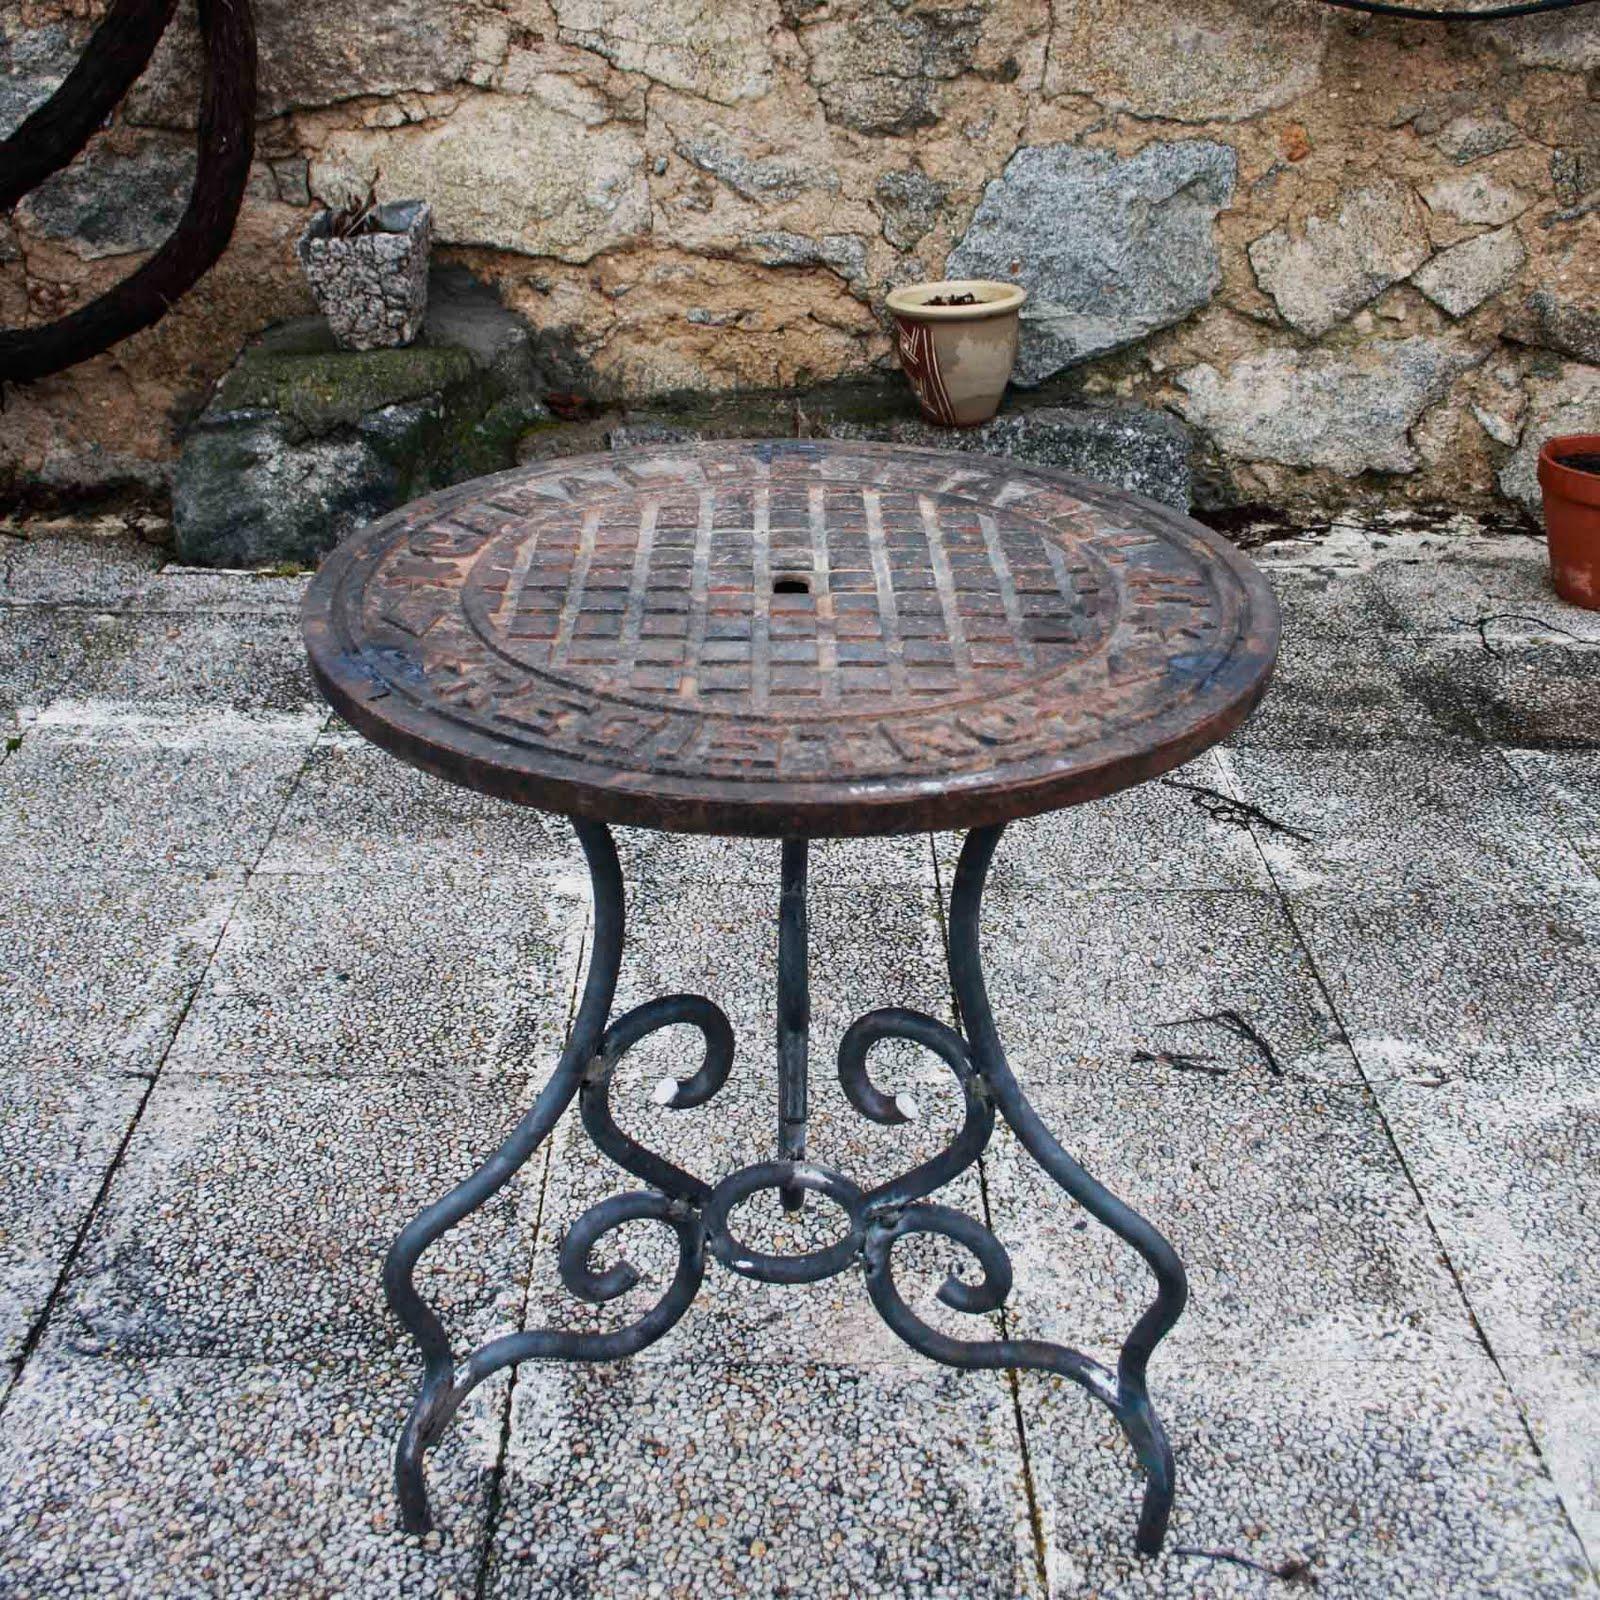 La silla p nica mesa alcantarilla - Muebles en alcantarilla ...